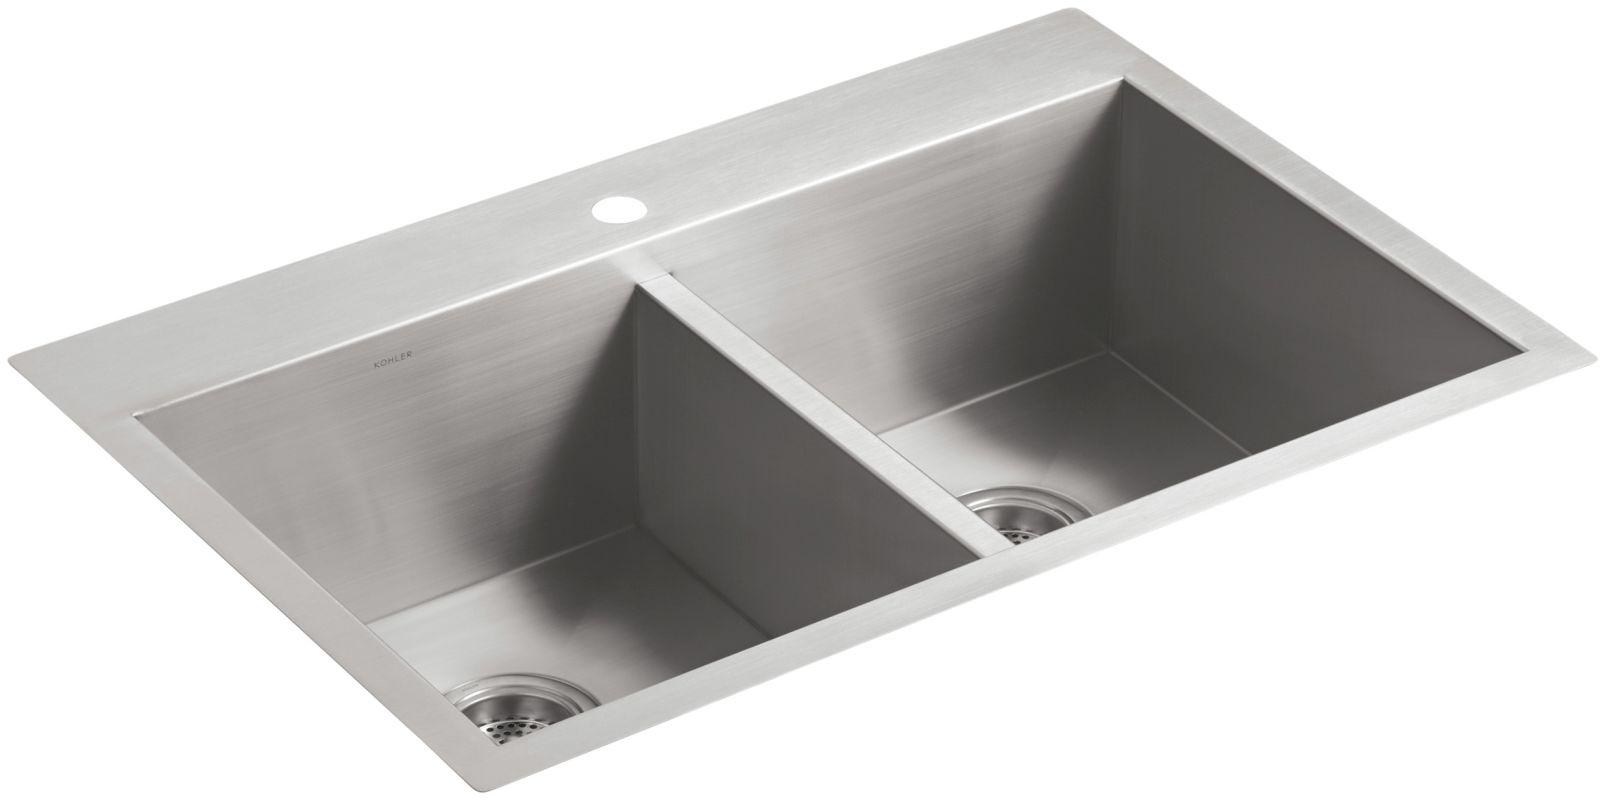 Kohler Stainless Steel Kitchen Sinks faucet | k-3820-1-na in stainlesskohler